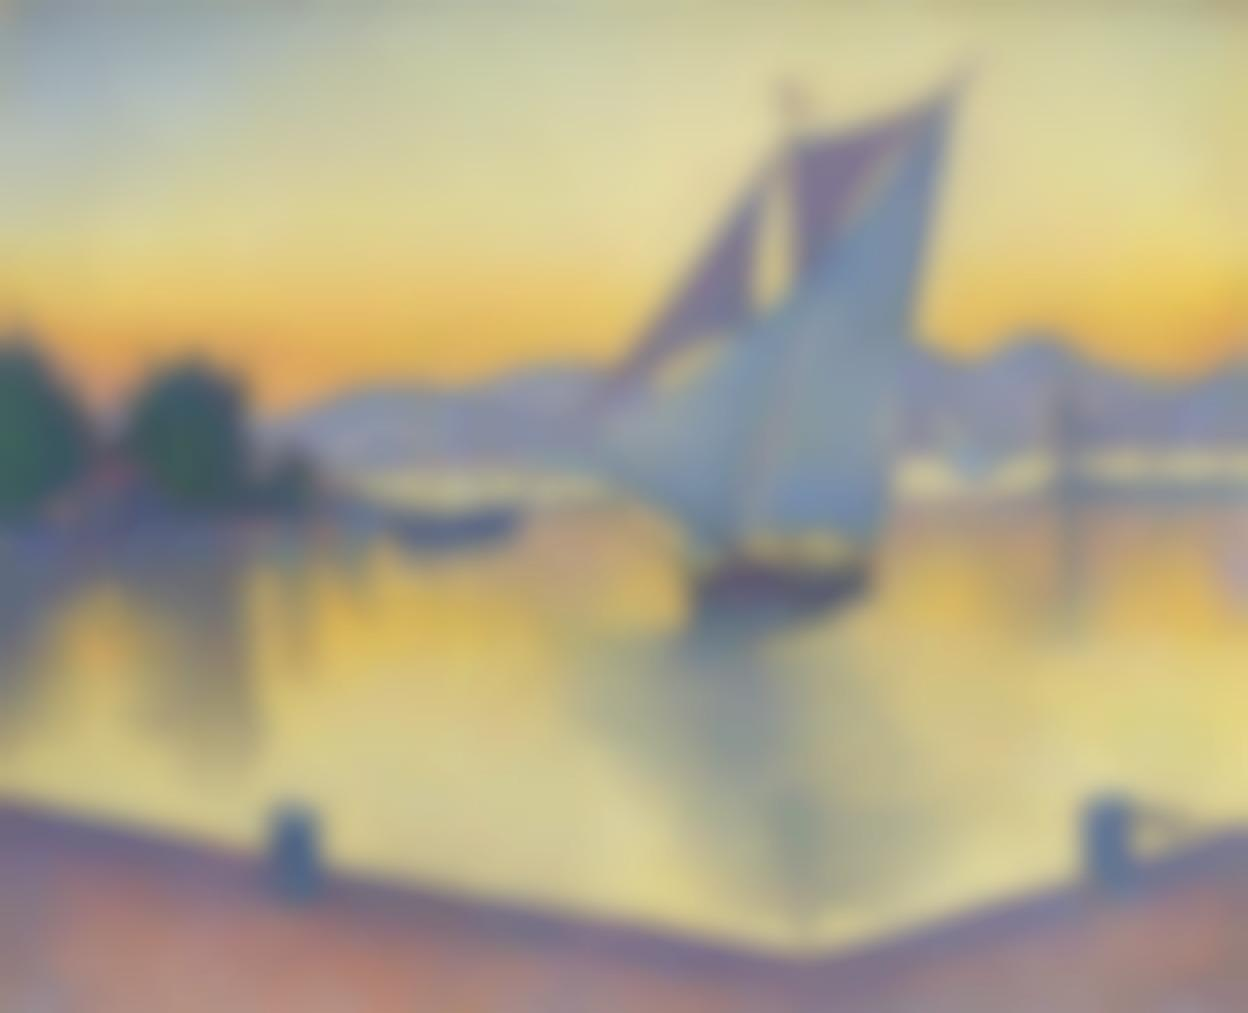 Paul Signac-Le Port Au Soleil Couchant, Opus 236 (Saint-Tropez)-1892